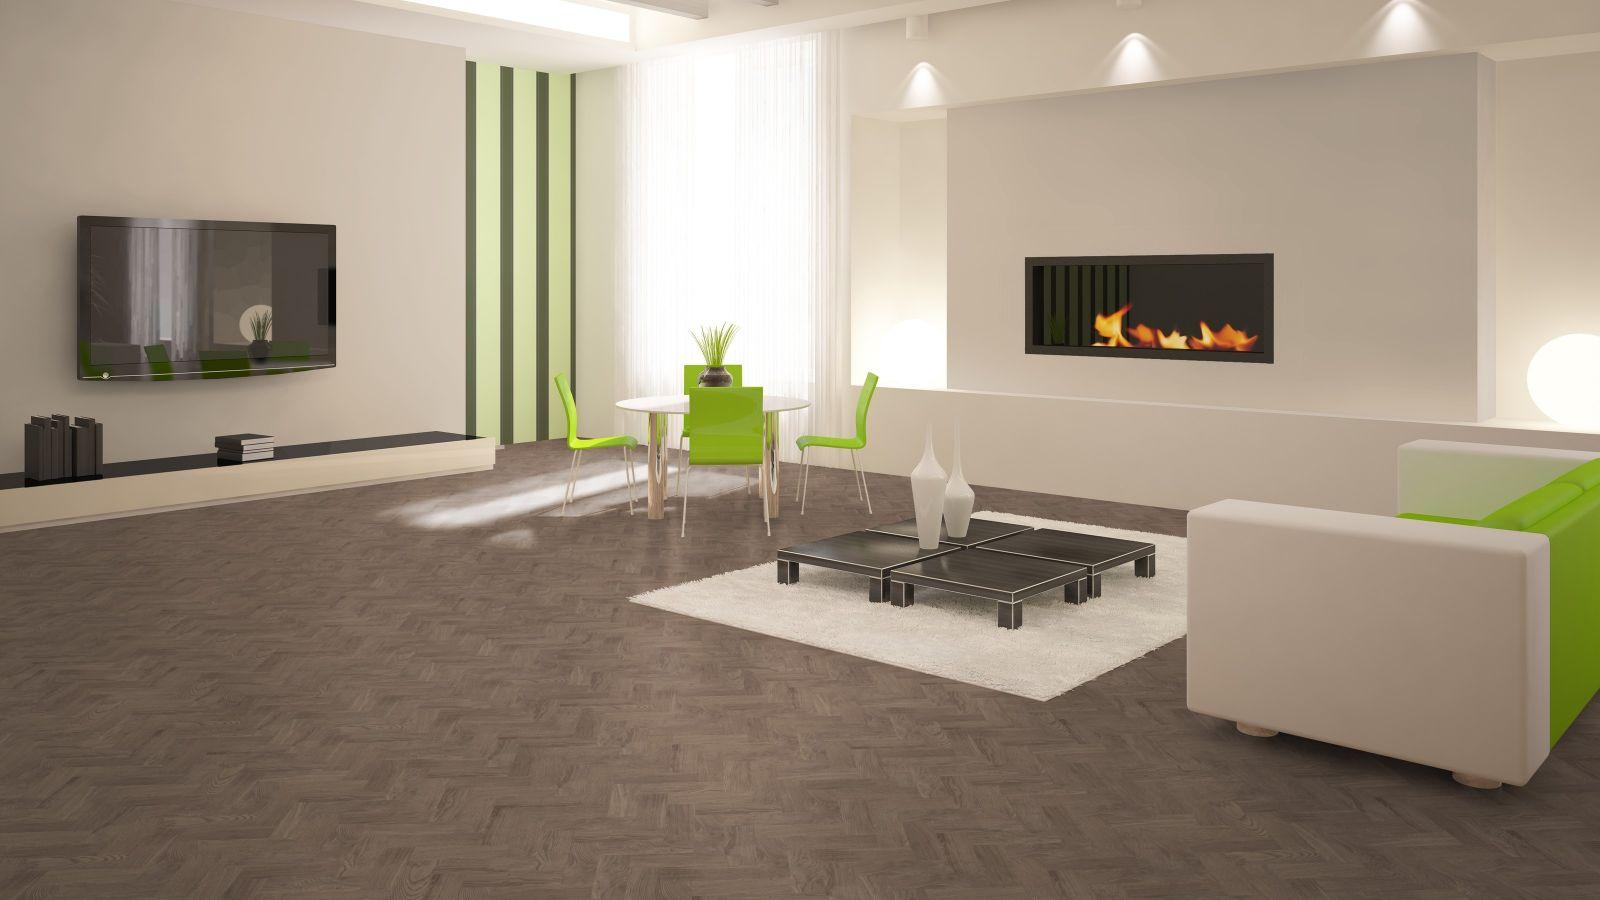 Creatieve pvc vloeren bekijk onze collectie pvc vloeren van